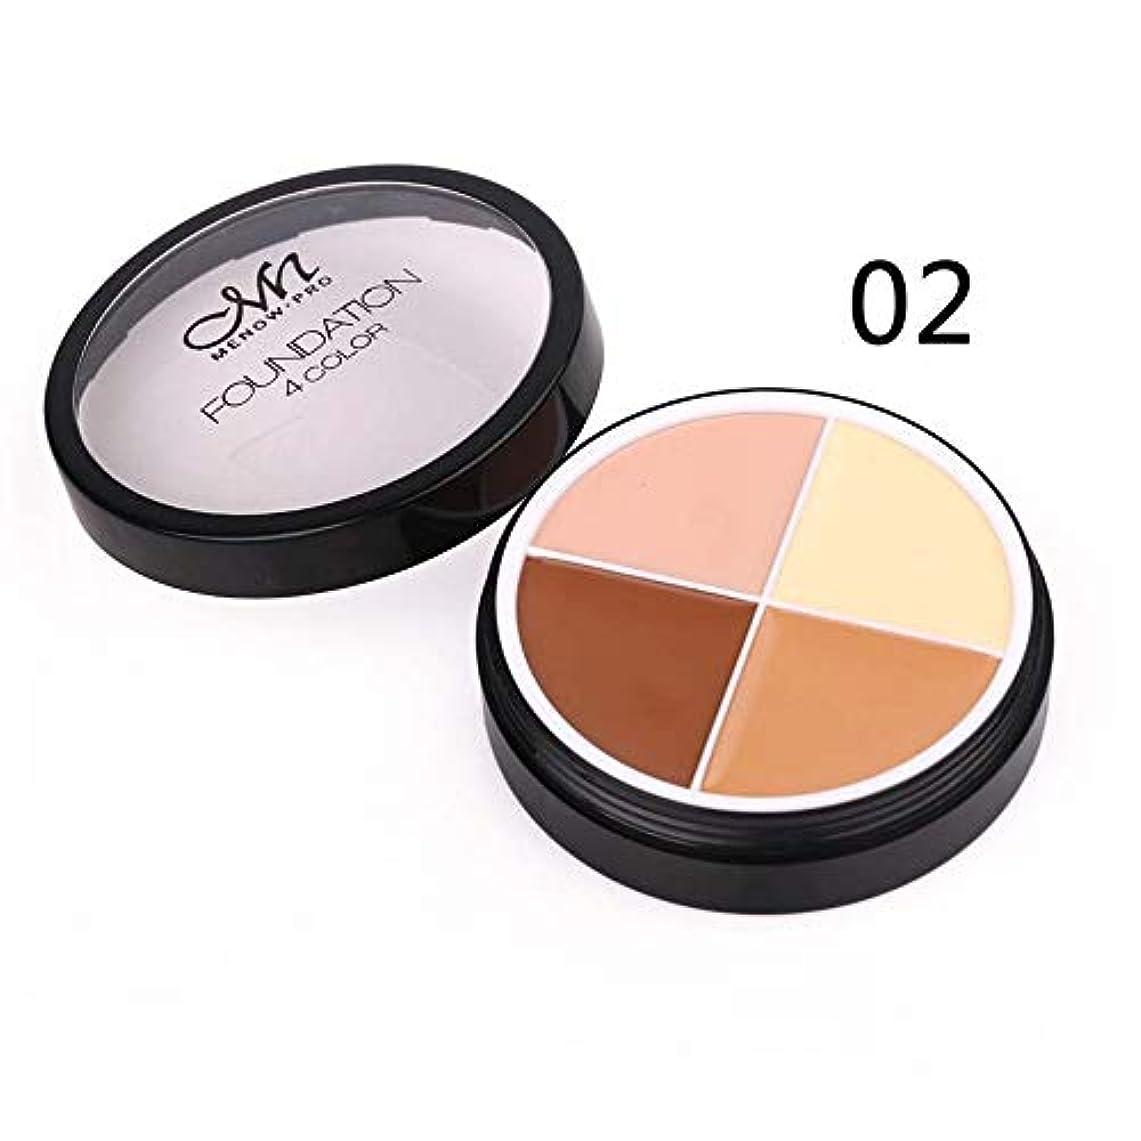 Eye Shadow 4色のアイシャドーマット多色セットアイメーク舞台アイシャドウ (02)